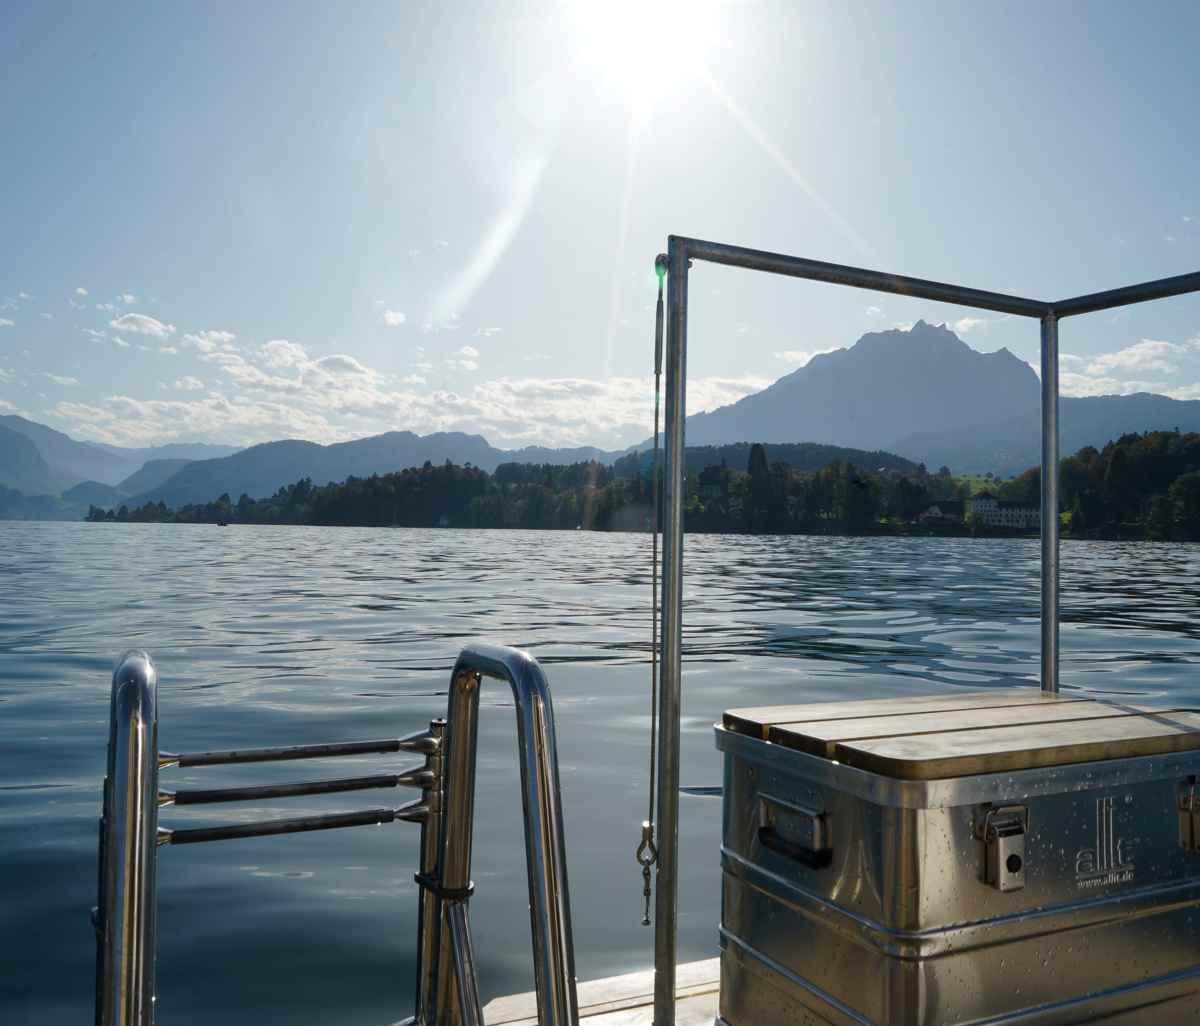 Saunaboot Snack - das Sauna Erlebnis inklusive Nachmittagssnack in Luzern mitten auf dem Vierwaldstättersee